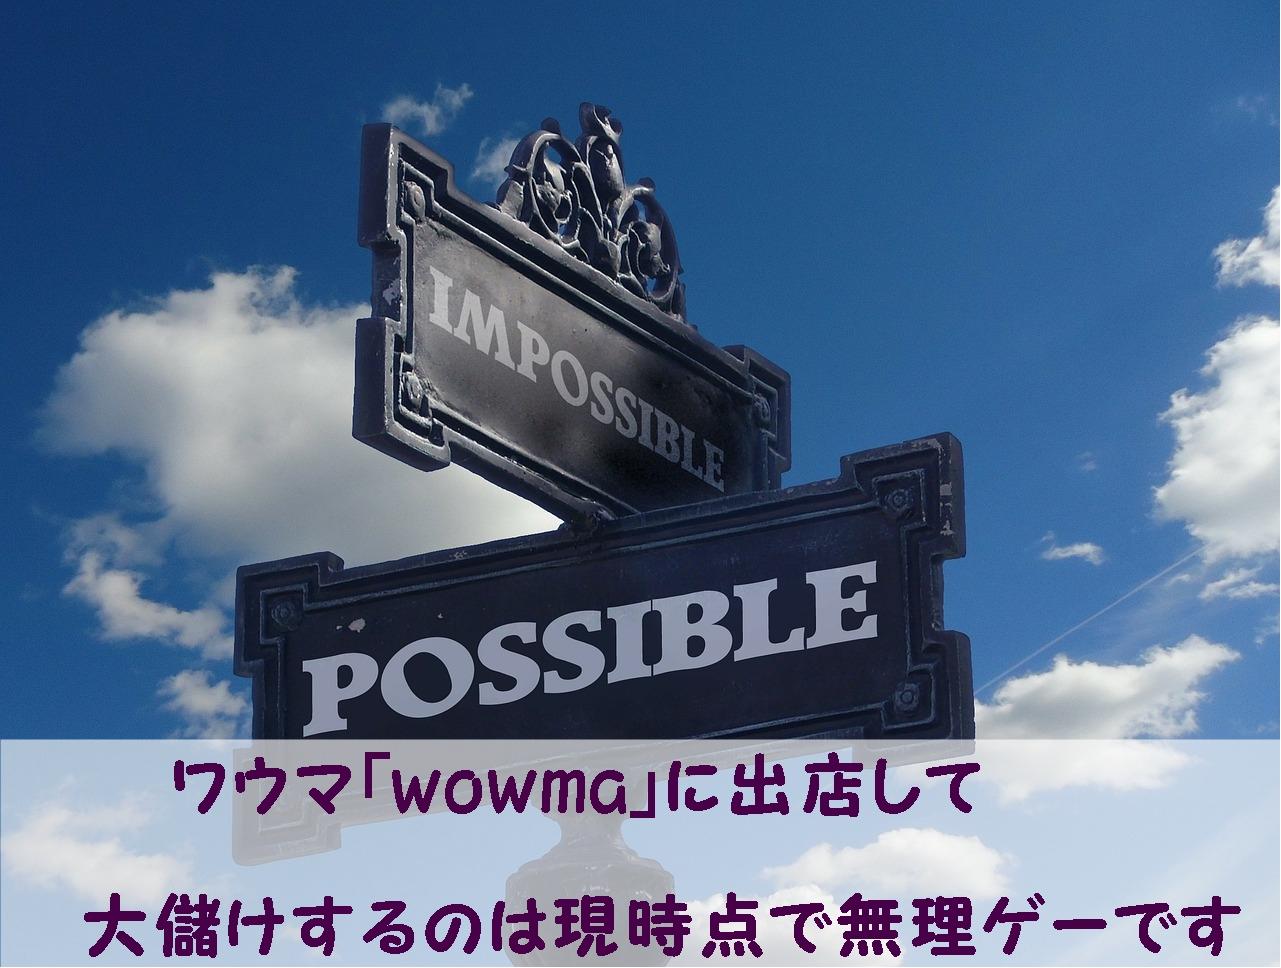 ワウマ「wowma」に出店して大儲けするのは現時点で無理ゲーです